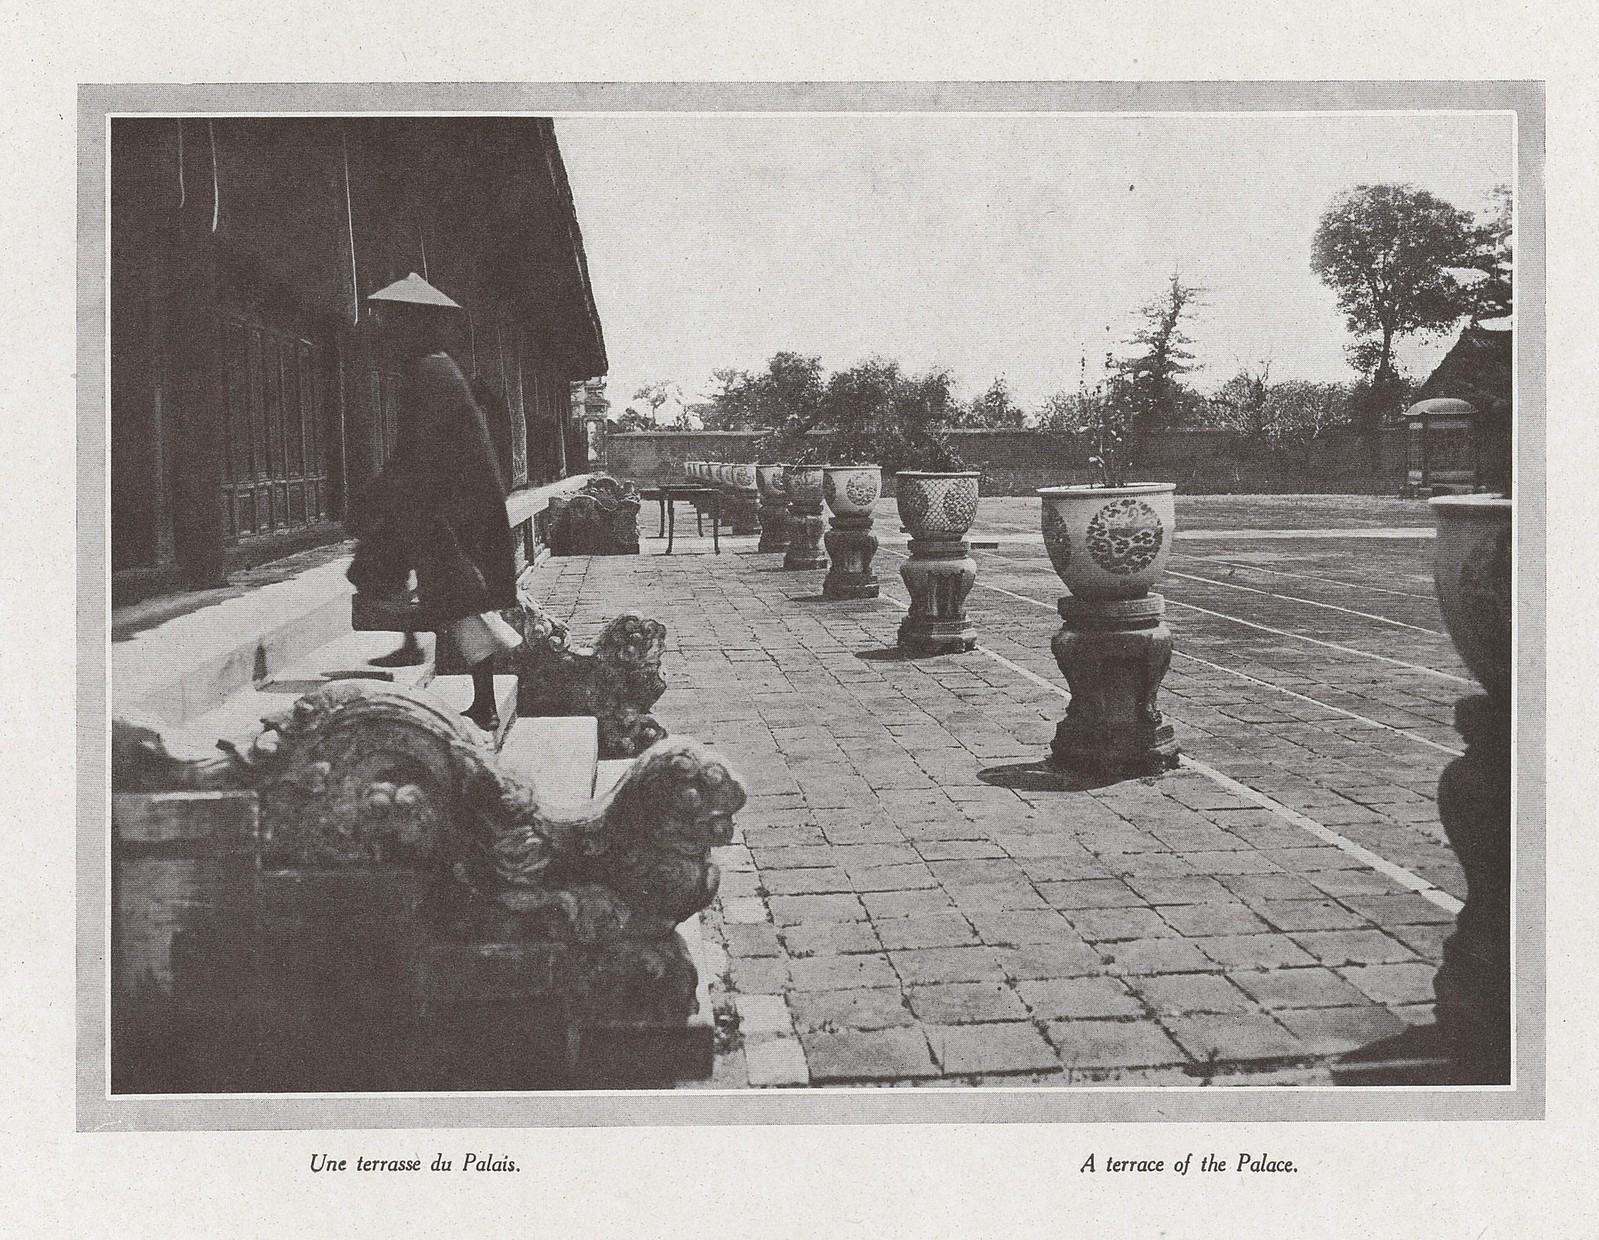 Ảnh cực quý về Hoàng thành Huế năm 1919 Ảnh 9